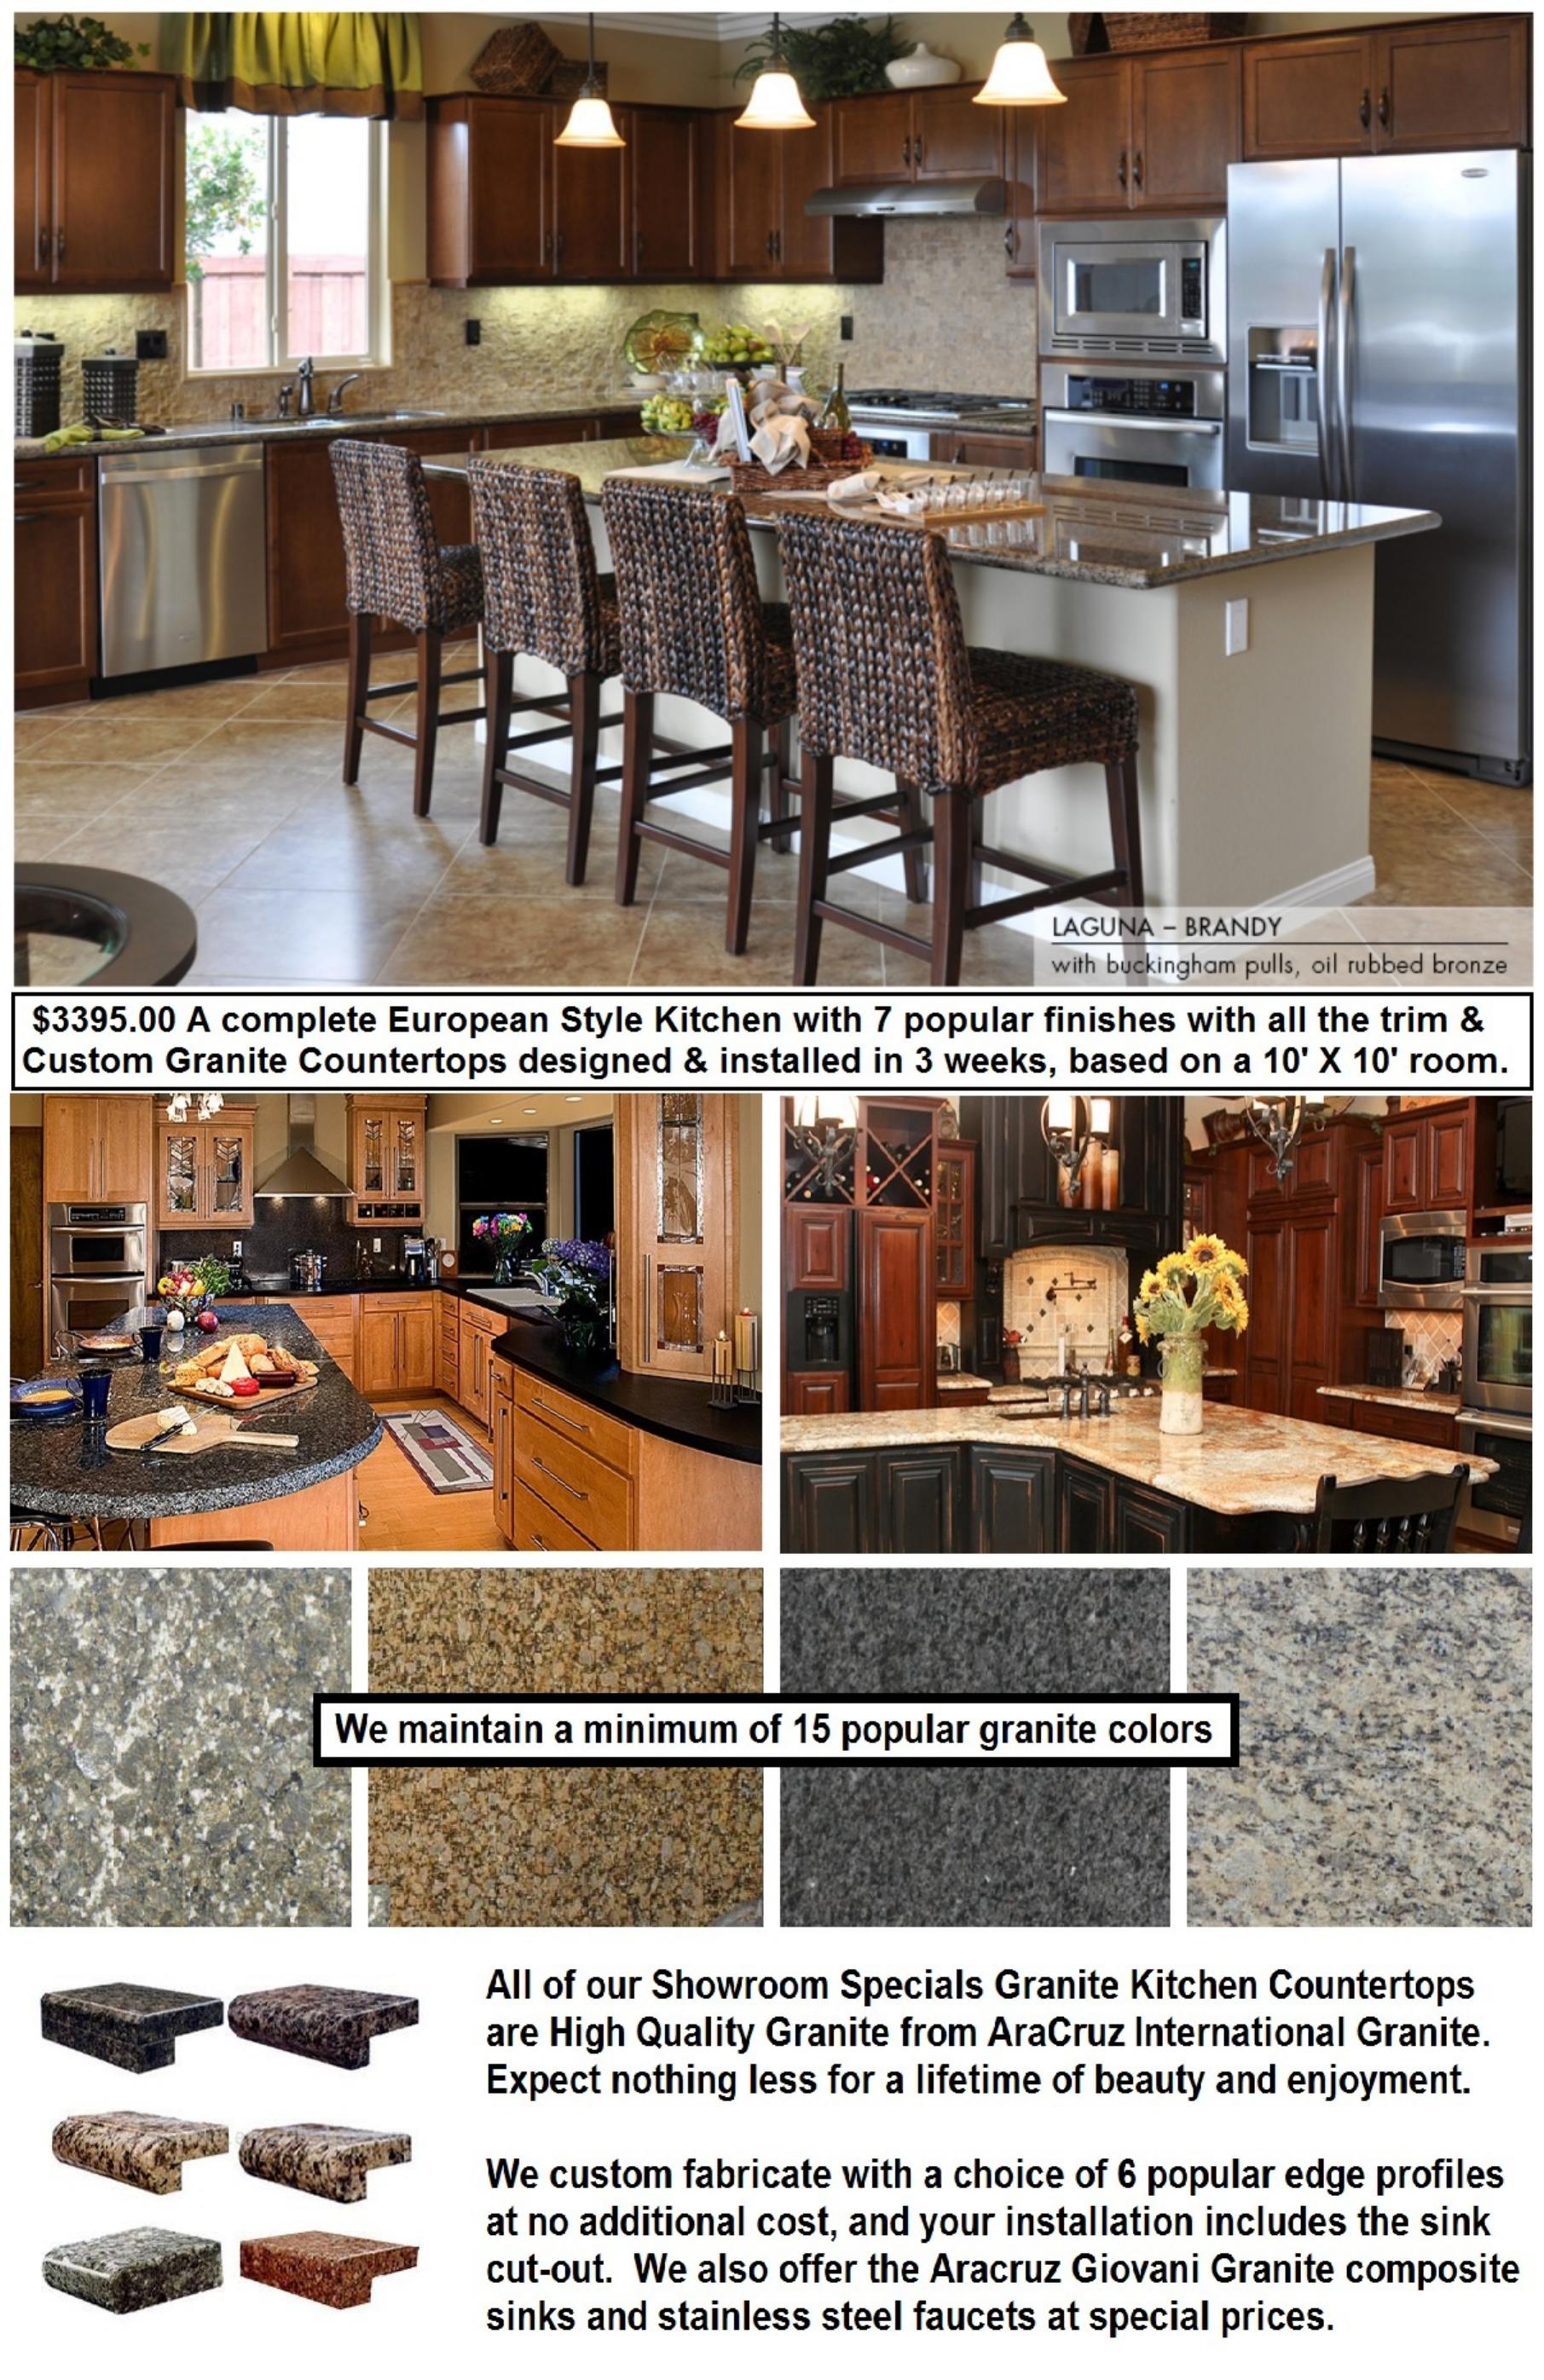 Phoenix 3395 European Kitchen Cabinets Granite Countertops Design Countertop Design Kitchen Cabinets And Granite Custom Granite Countertops